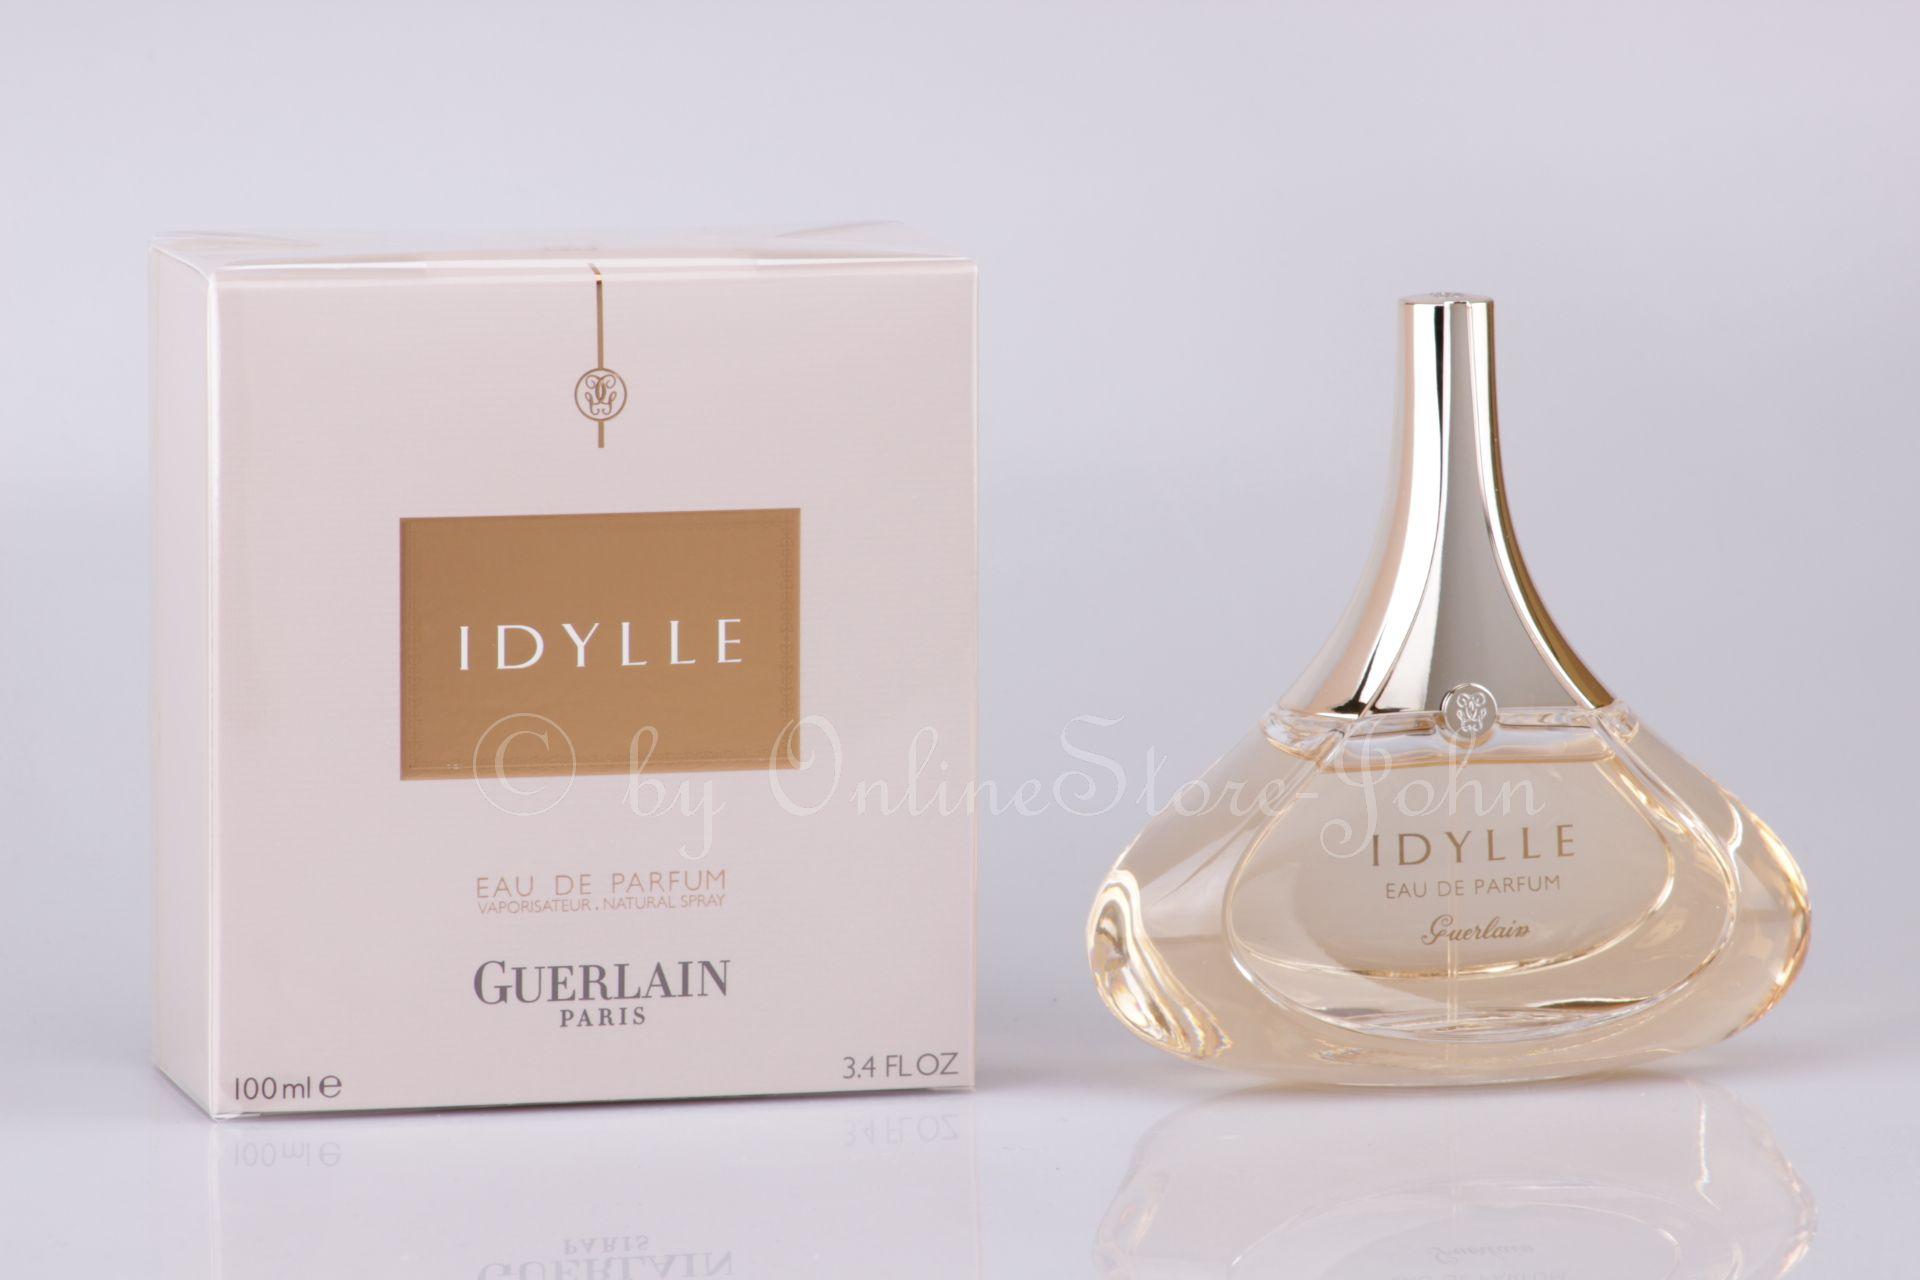 De Idylle Eau Guerlain 100ml Parfum Edp PX8Own0k